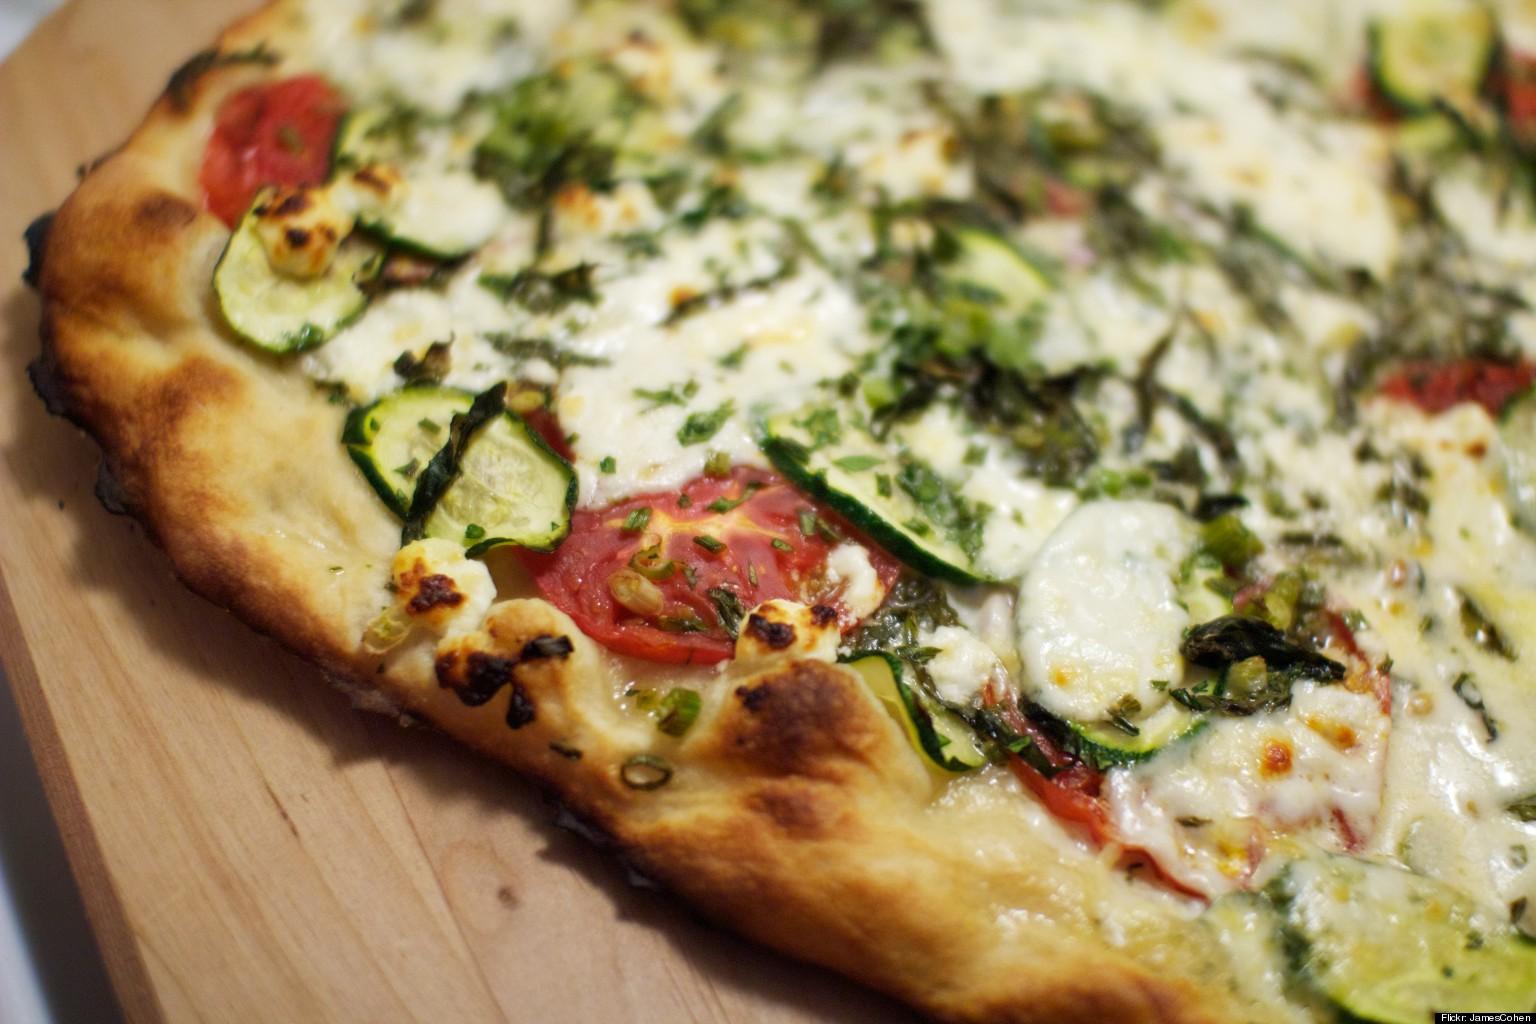 C mo hacer una pizza m s saludable huffpost for Como preparar una cena saludable